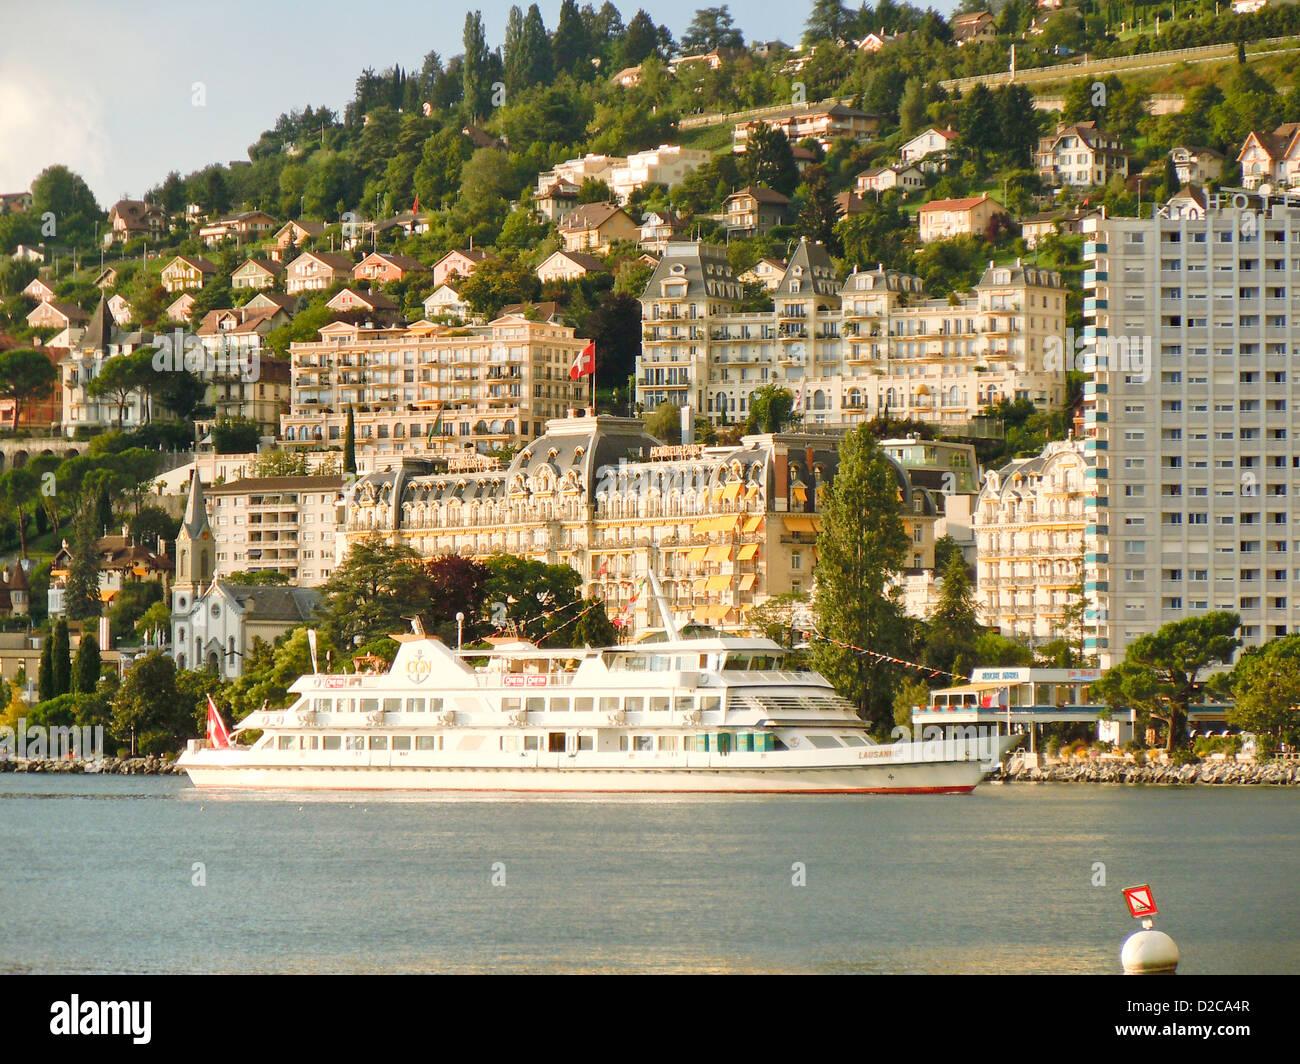 Cruise Ship, Montreux, Switzerland - Stock Image